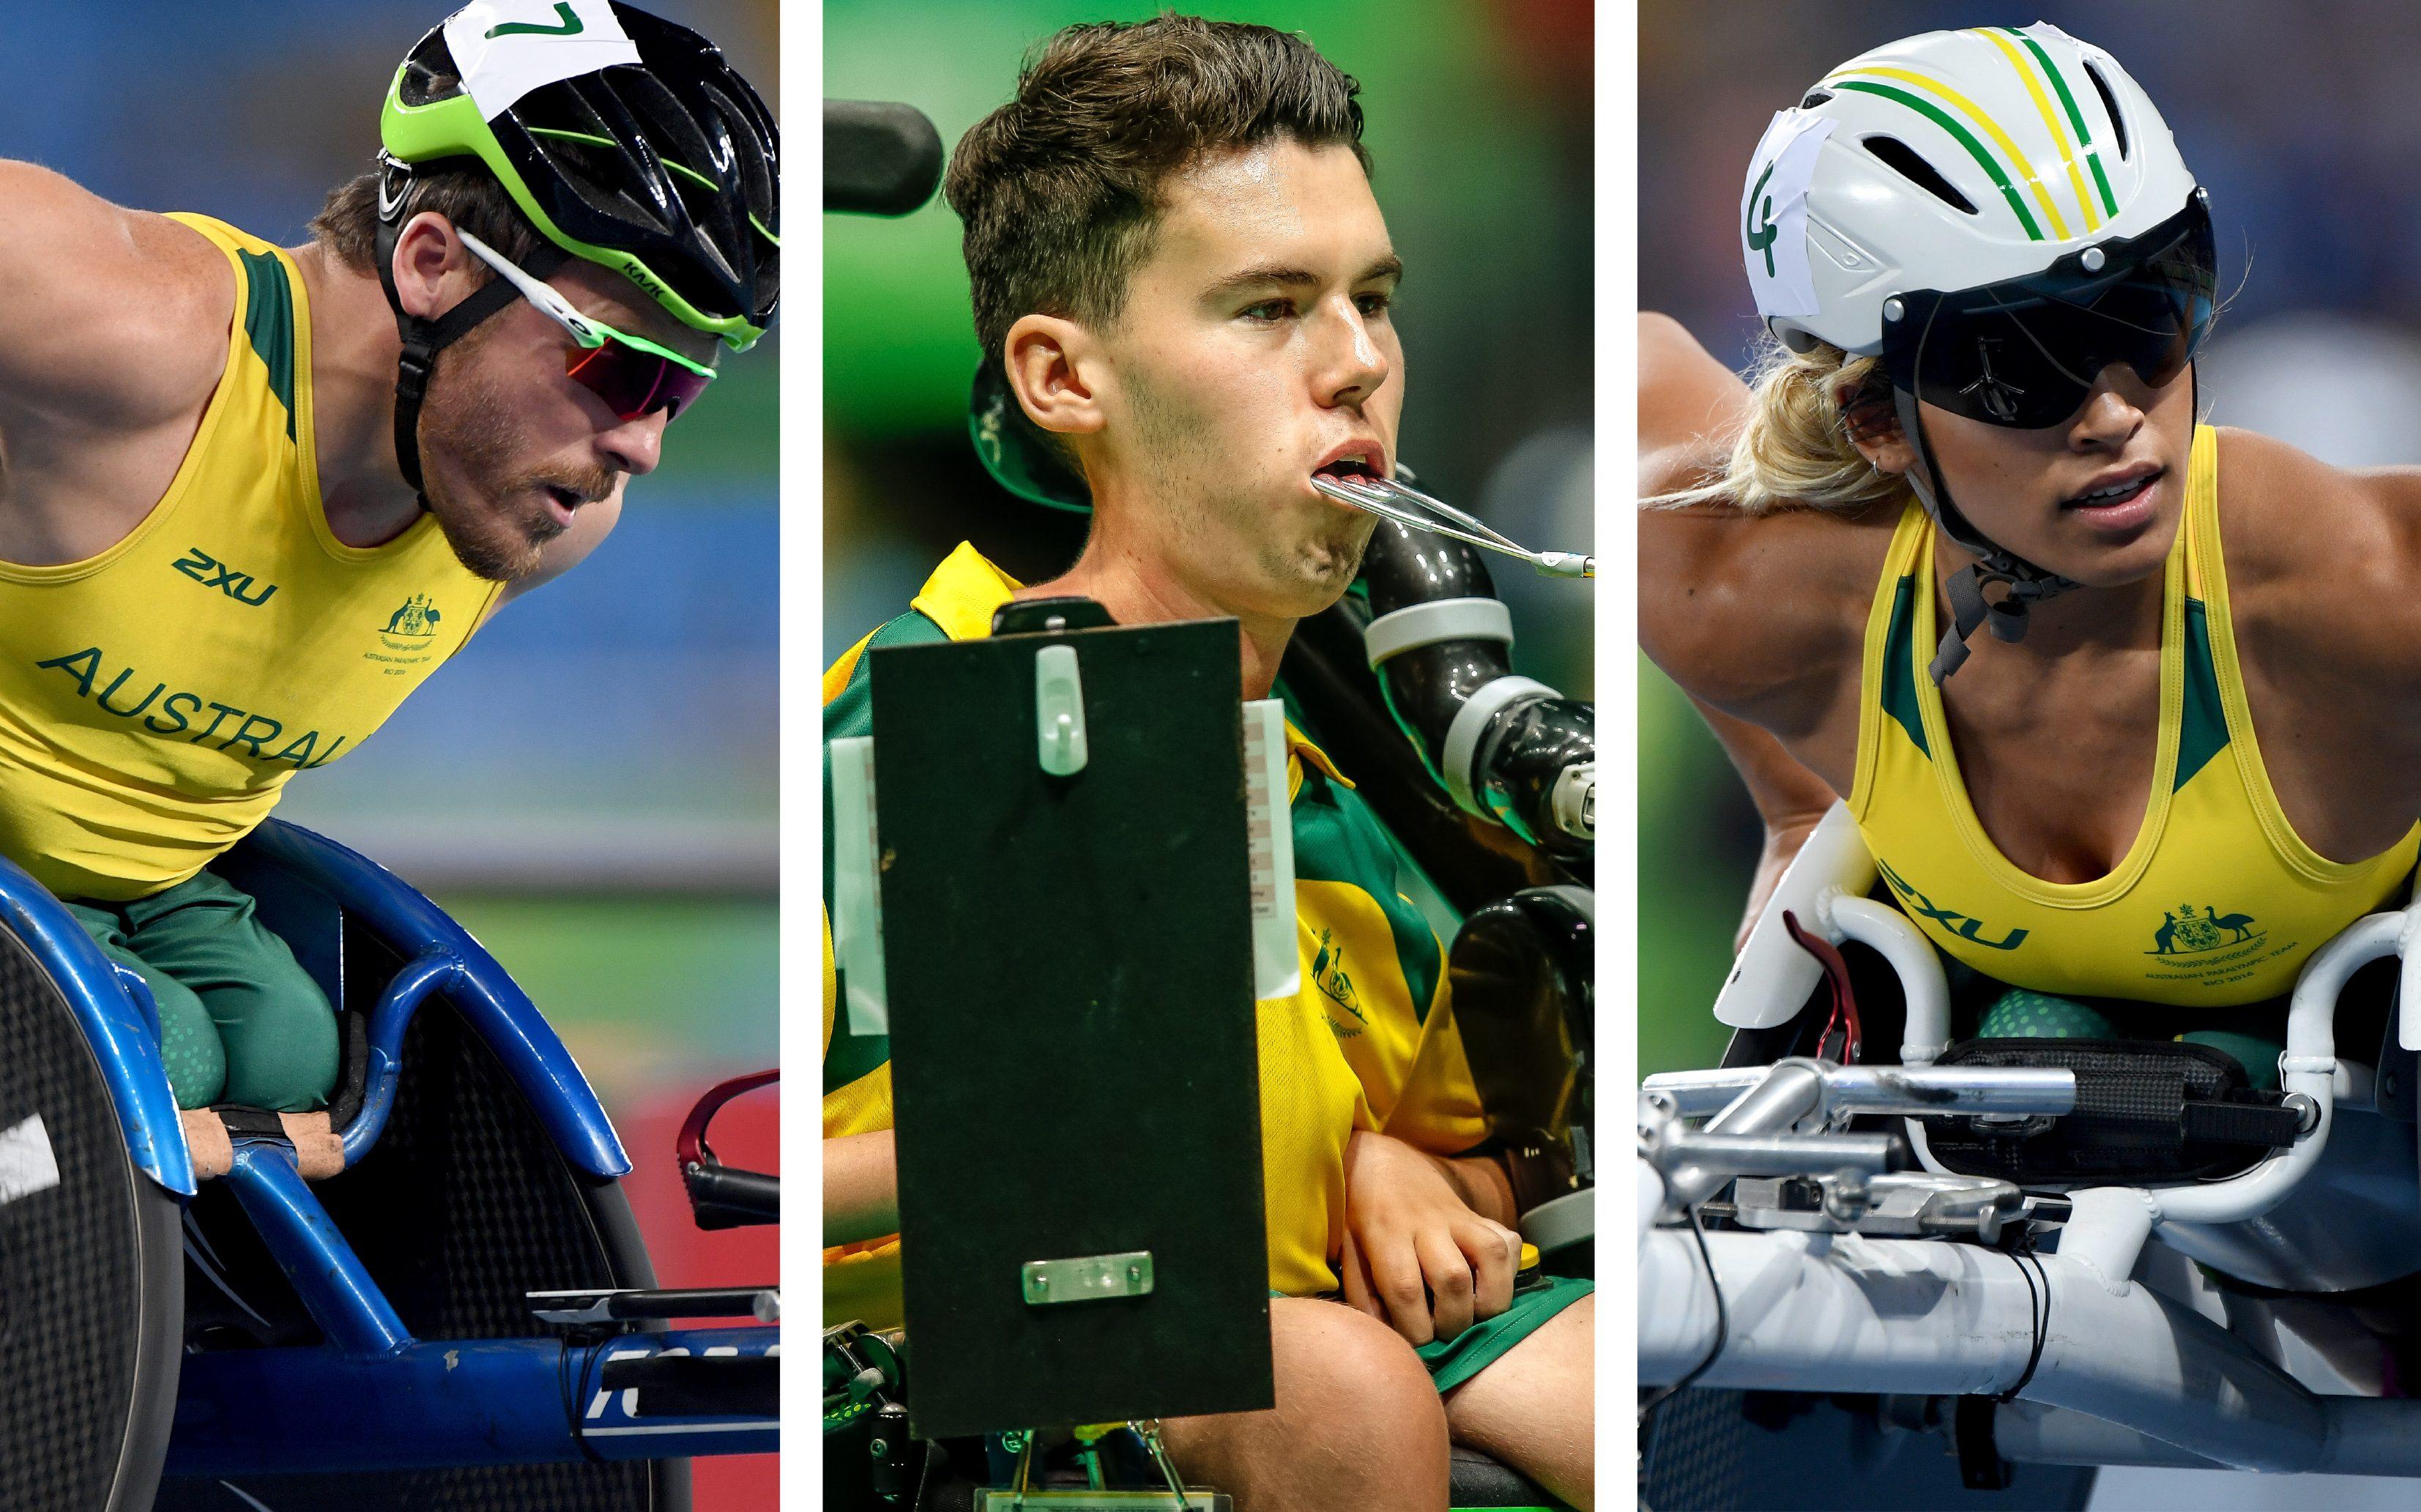 Athlete Testimonials